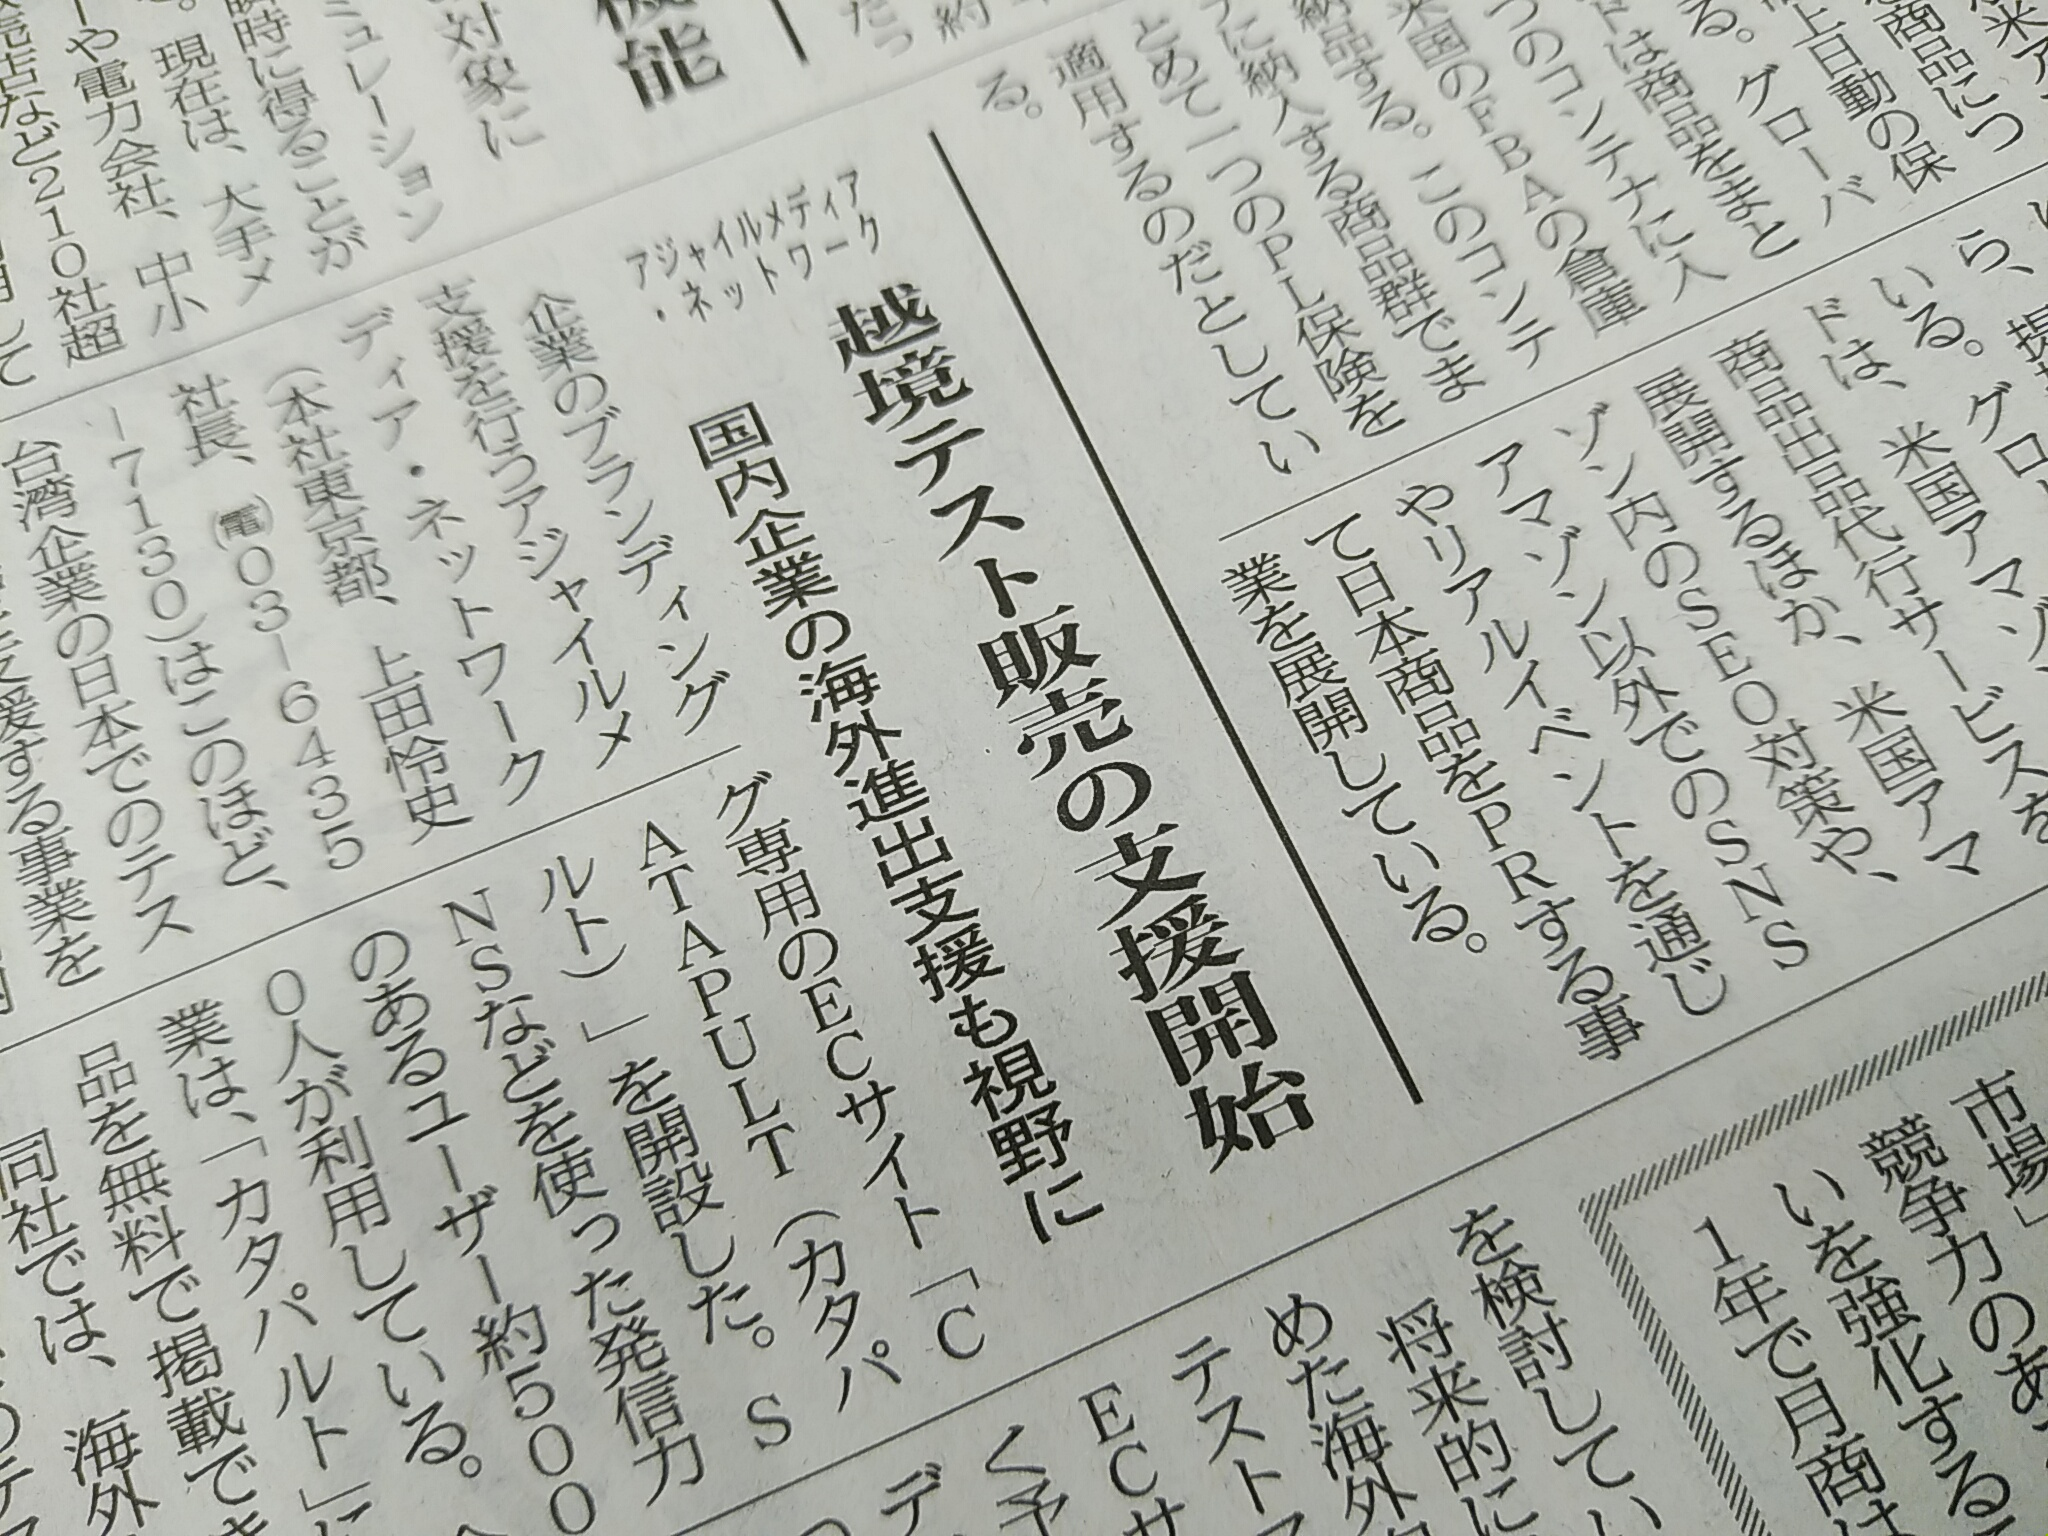 弊社のCATAPULT(カタパルト)の取り組みが日本流通産業新聞に掲載されました。